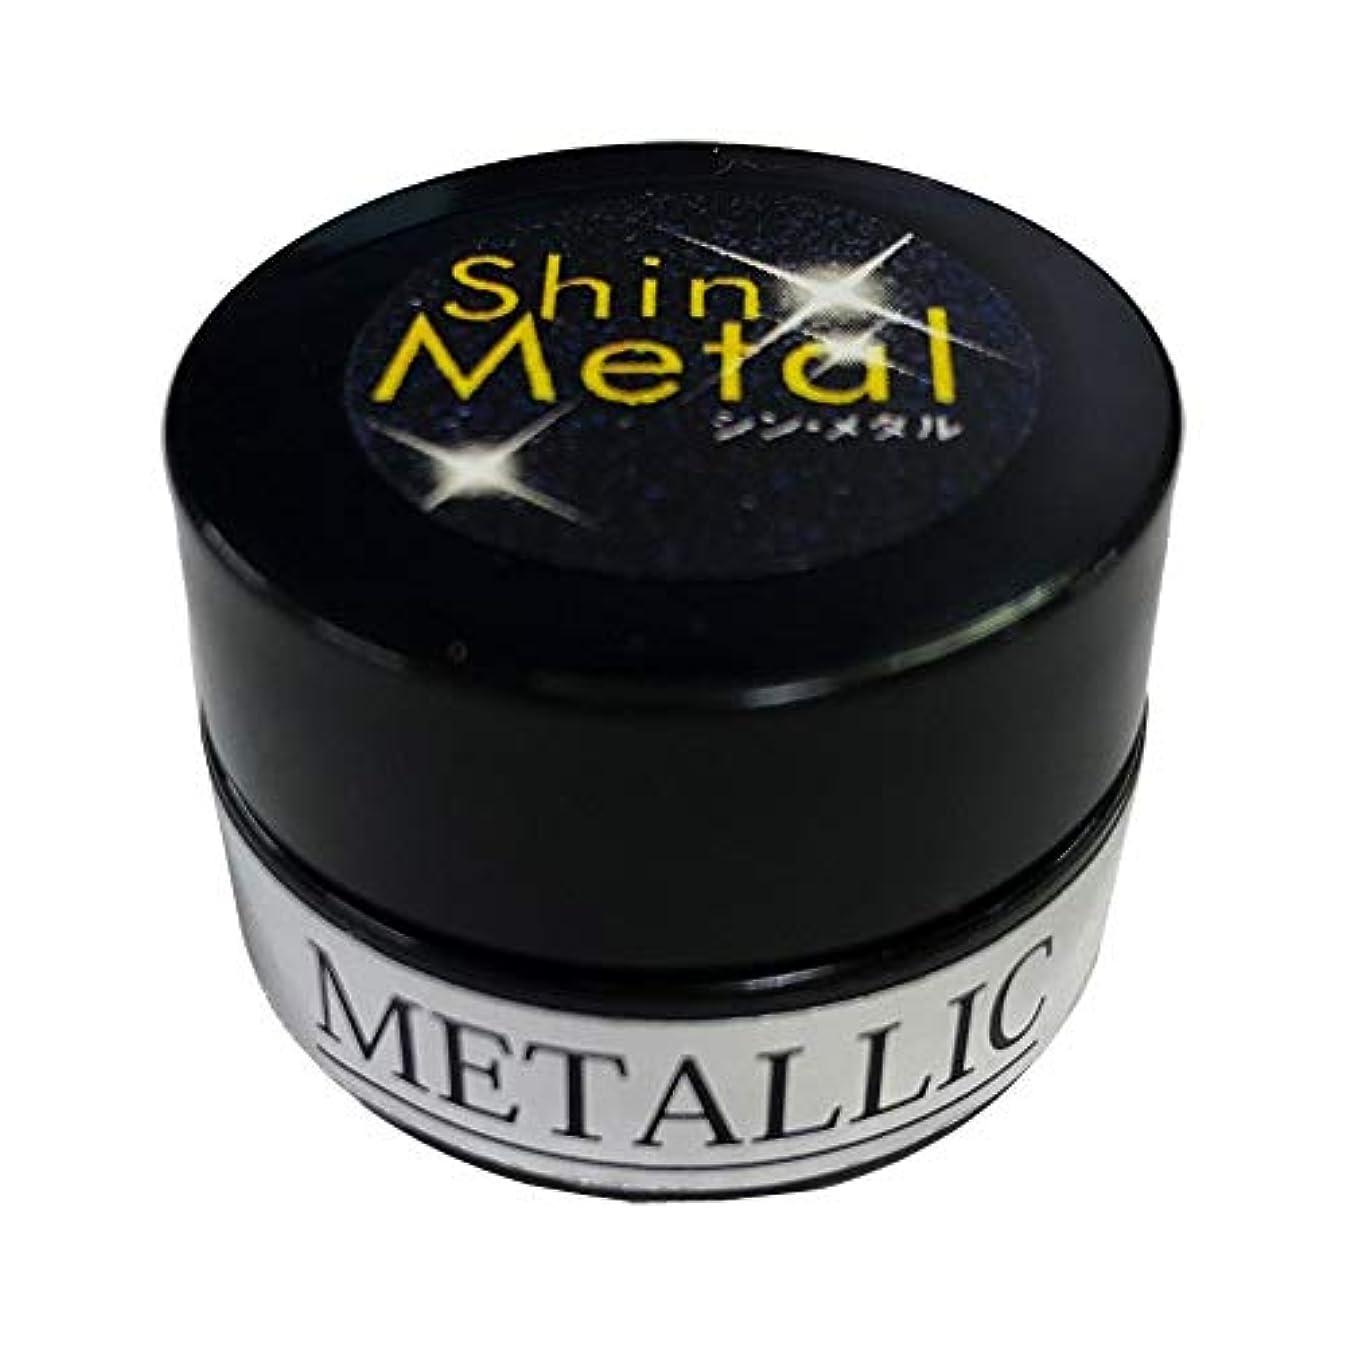 ホイットニーベンチャー合法Jewelry Jel(ジュエリージェル) Jewelry Jel シン?メタル 3g ゴールド ジェルネイル